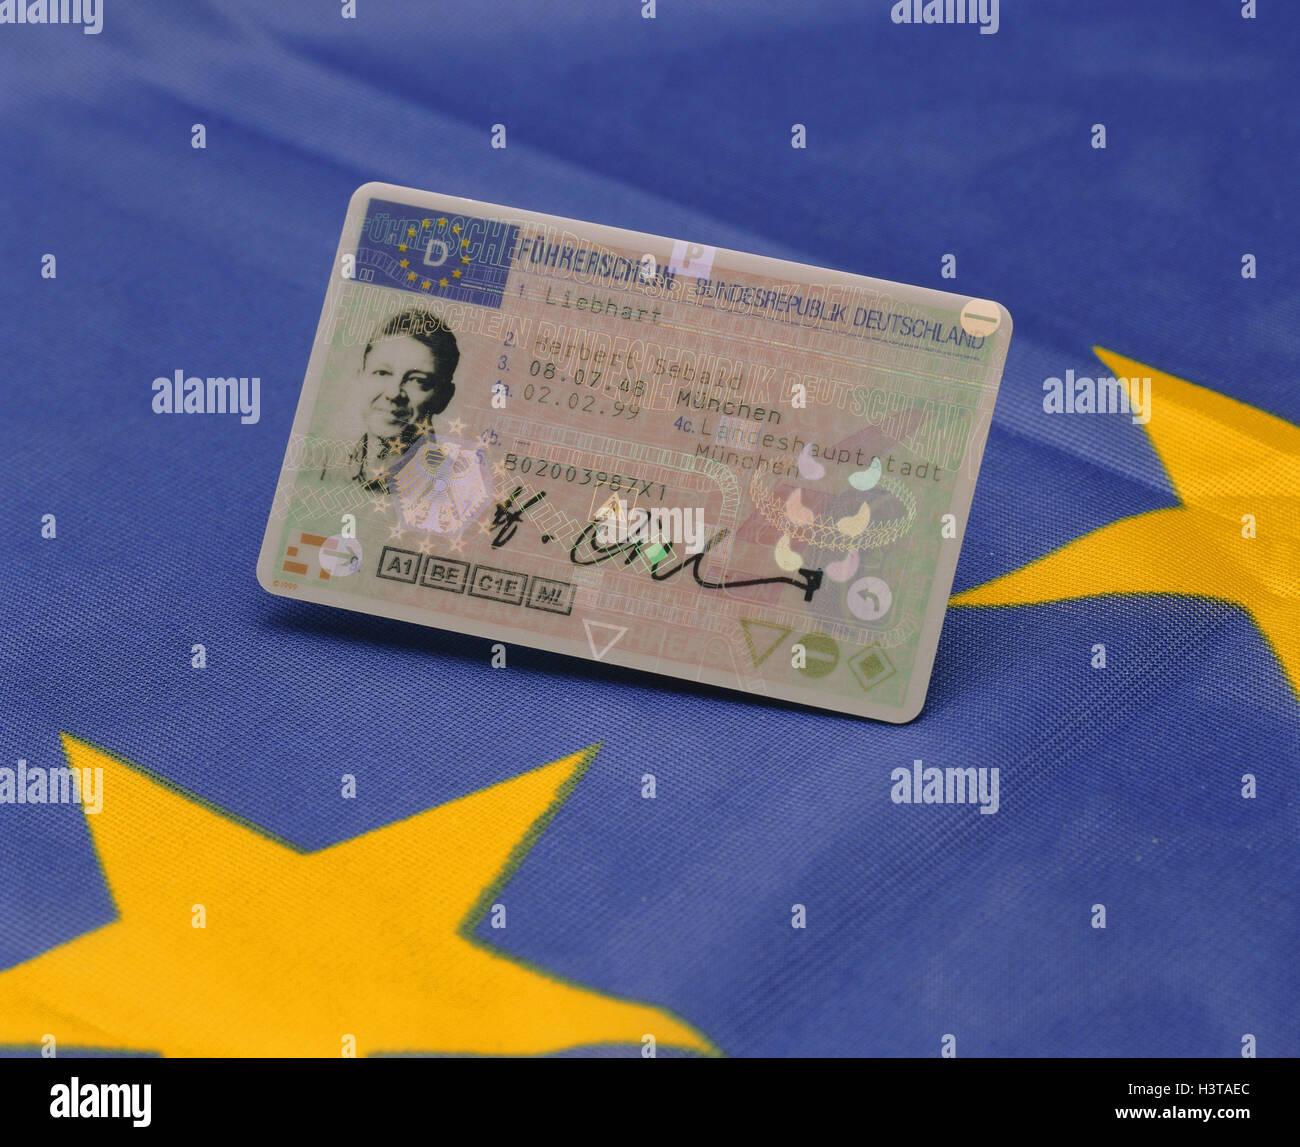 EU Führerschein, Europa, Führerschein, Code-Karte, Führerschein ...